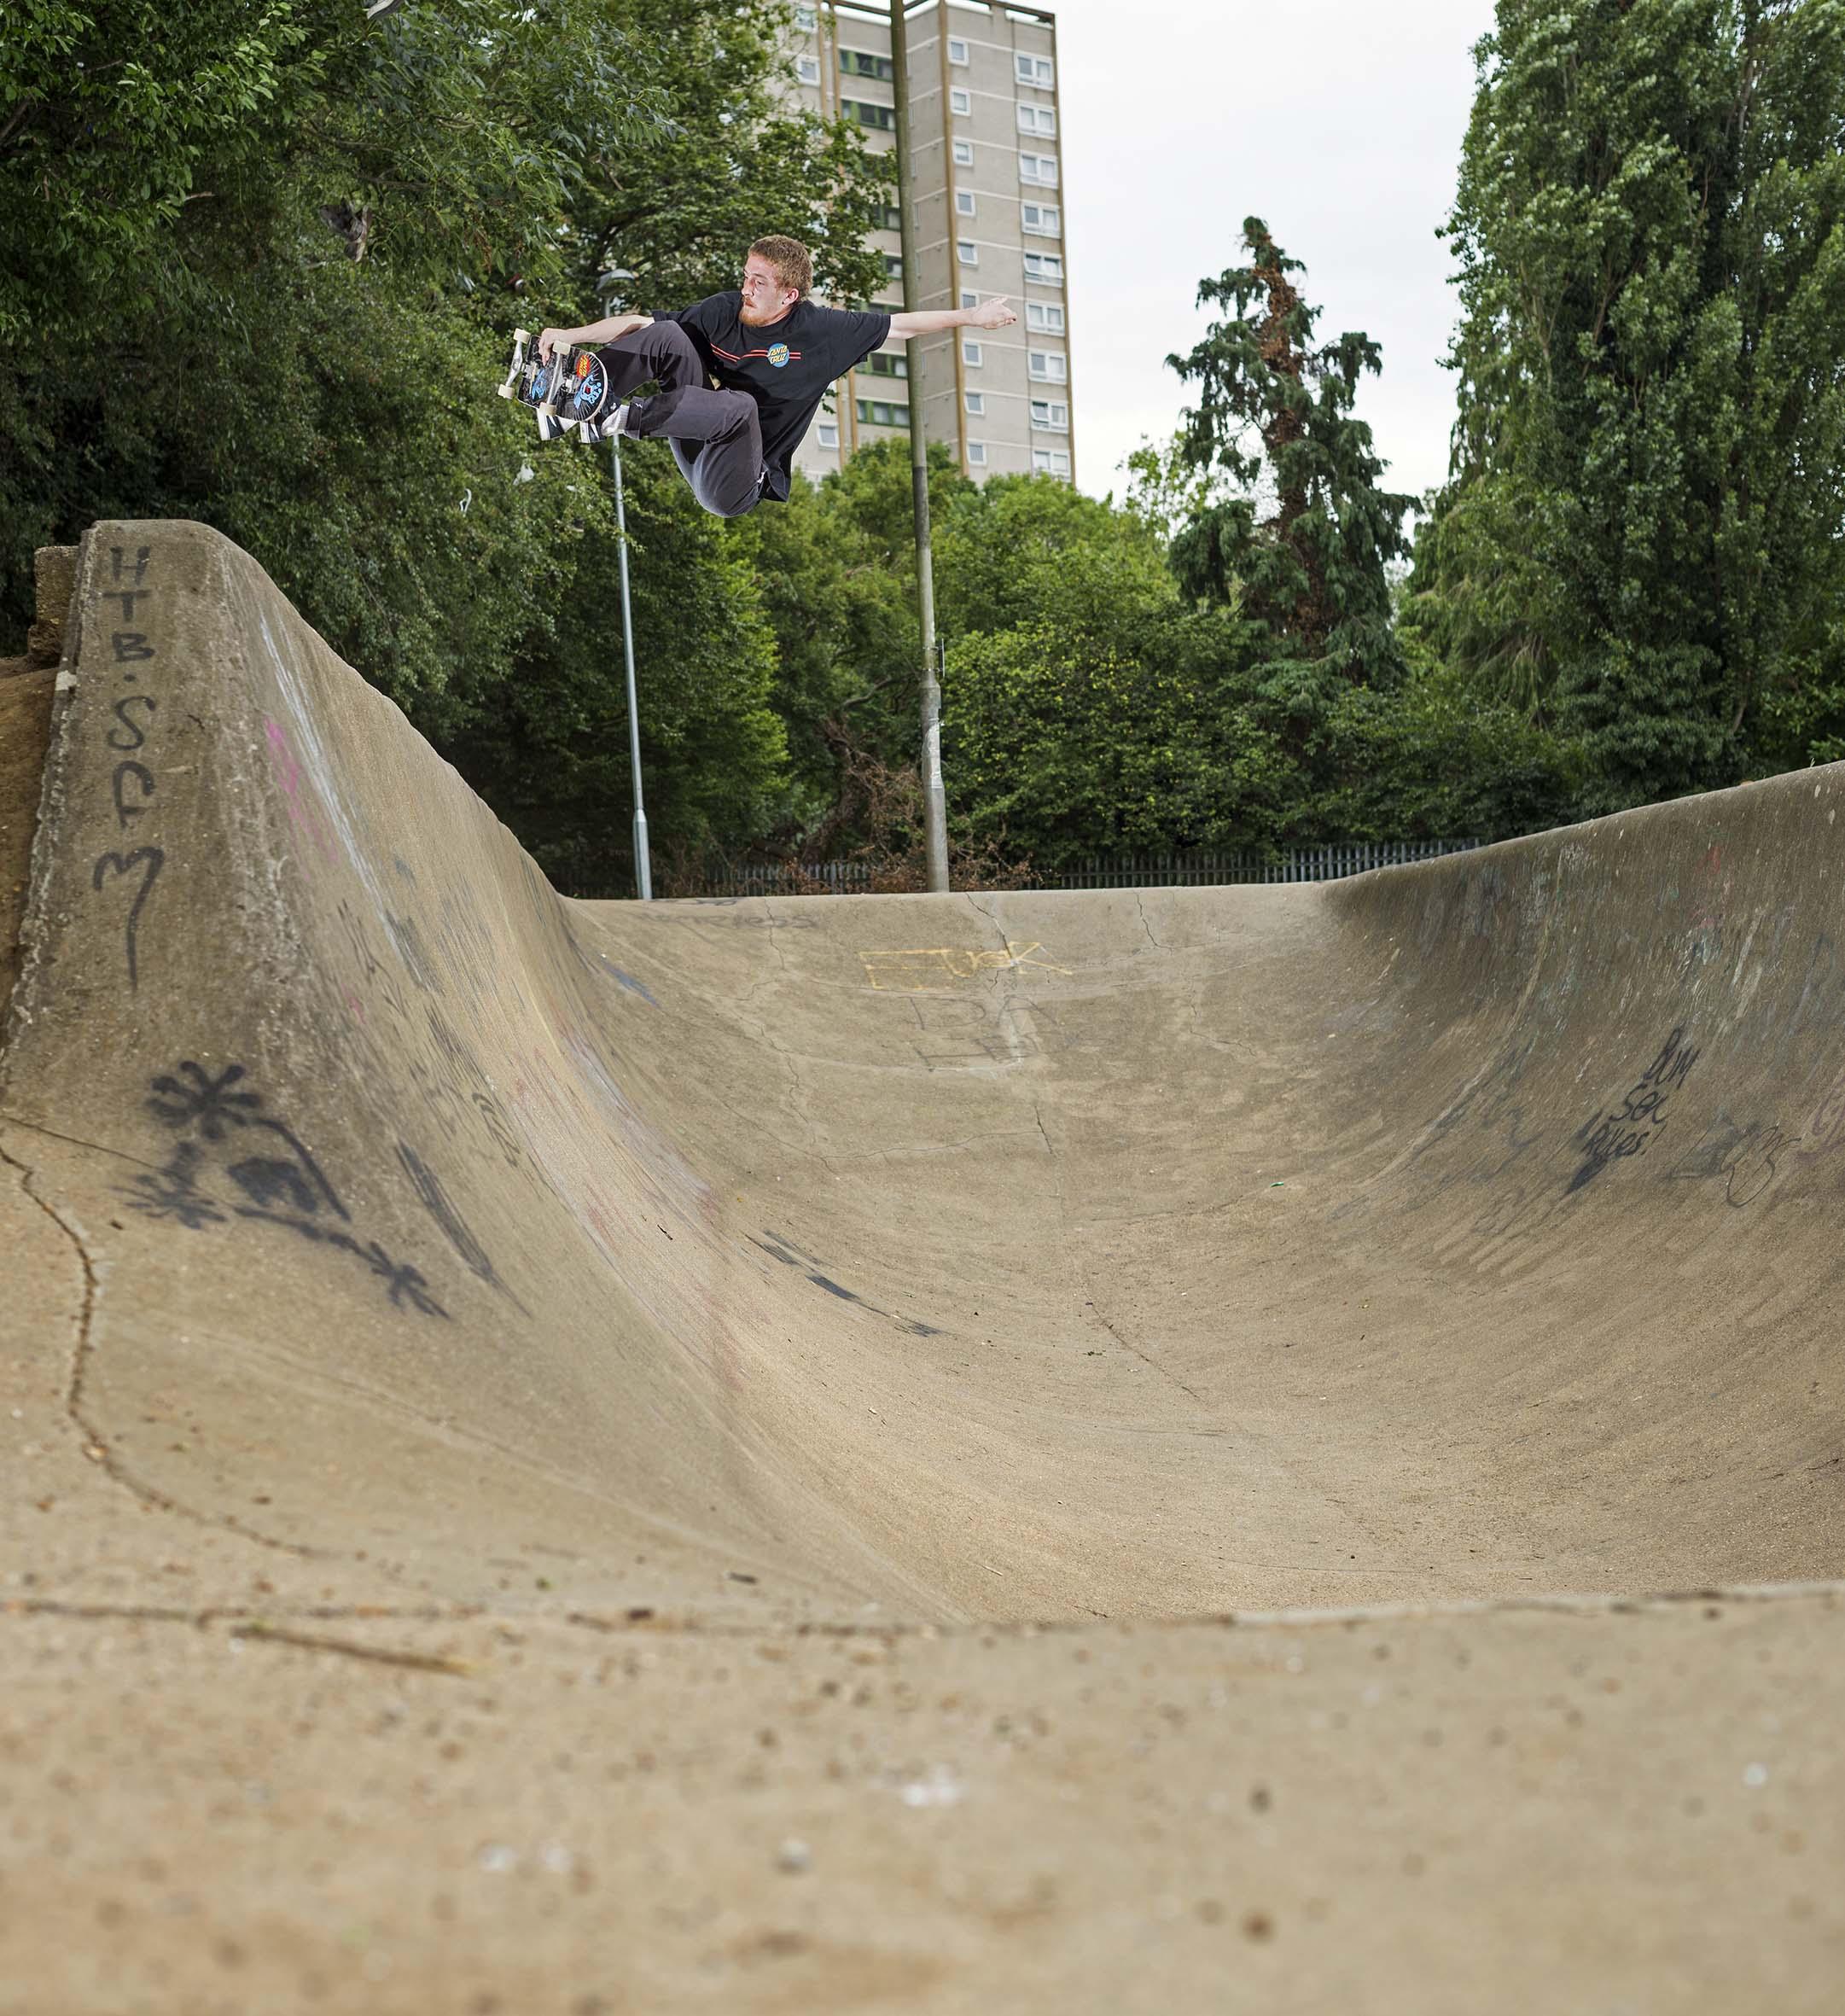 Kieran Menzies - frontside air